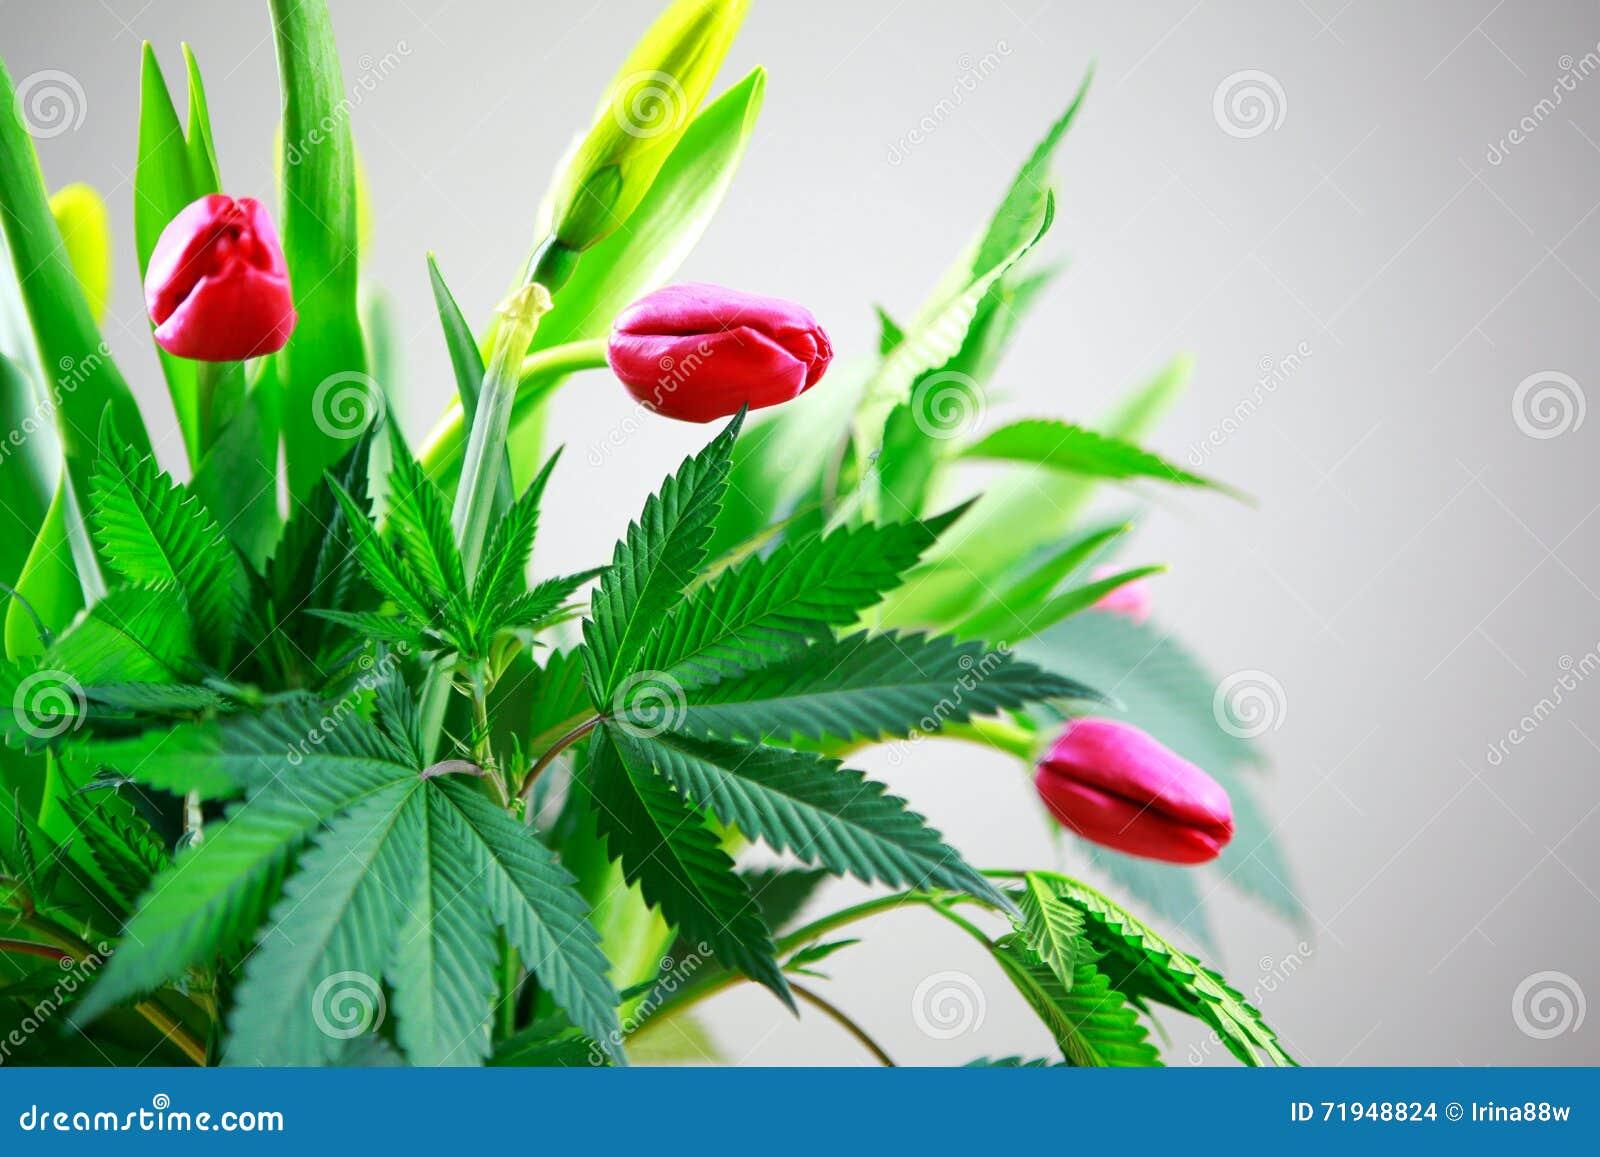 Folhas frescas verdes da marijuana grandes (cannabis), planta do cânhamo em um n